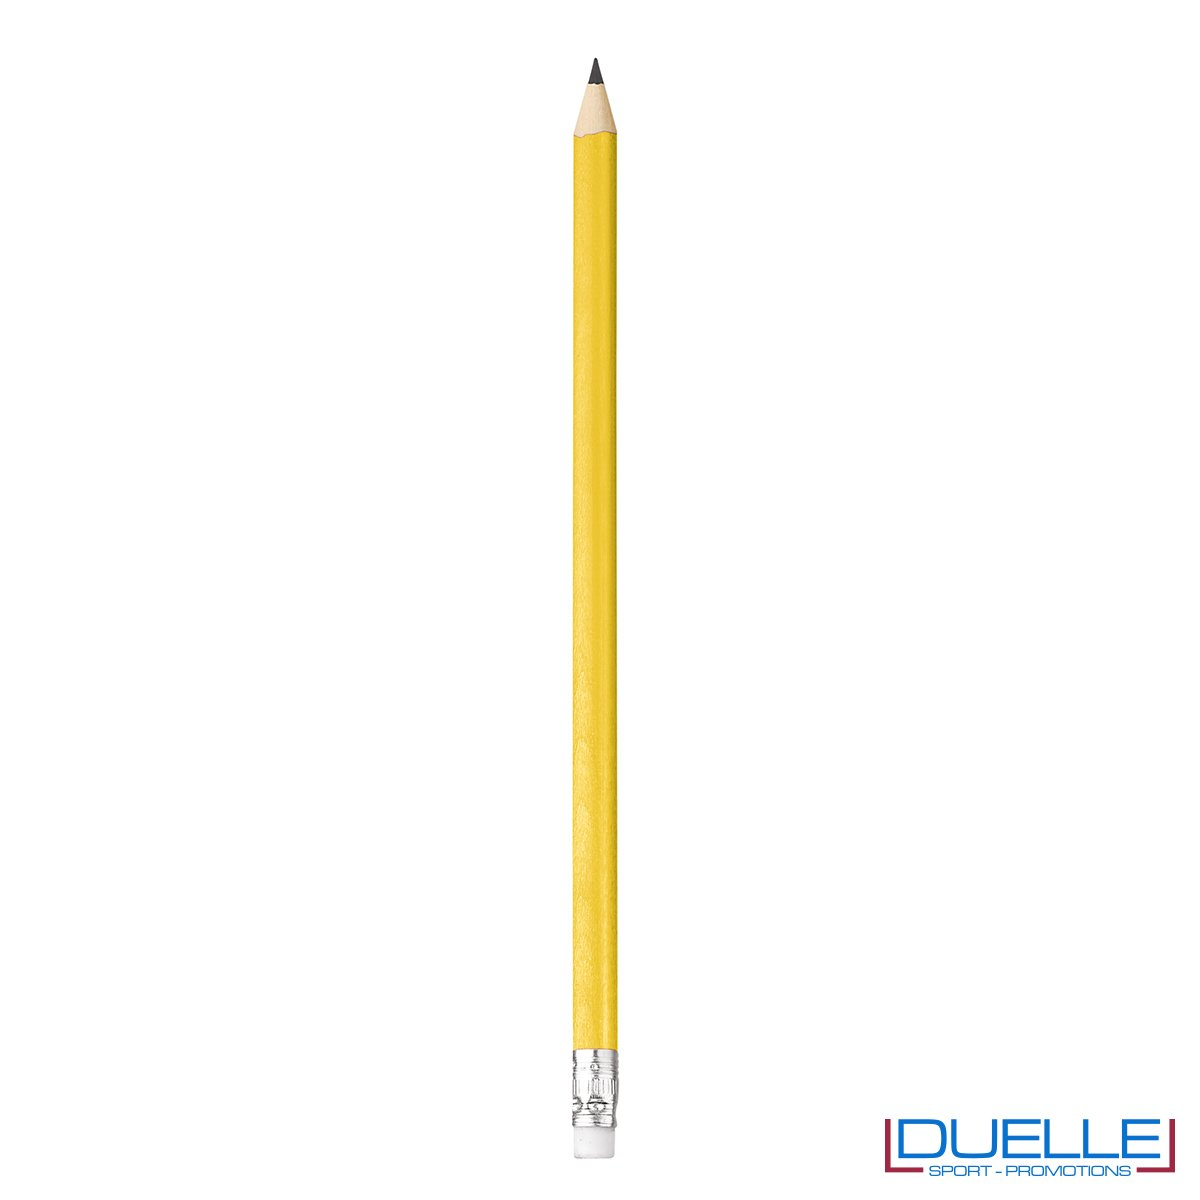 matita personalizzabile legno 100% naturale gialla con gomma incorporata, gadget da scrivania